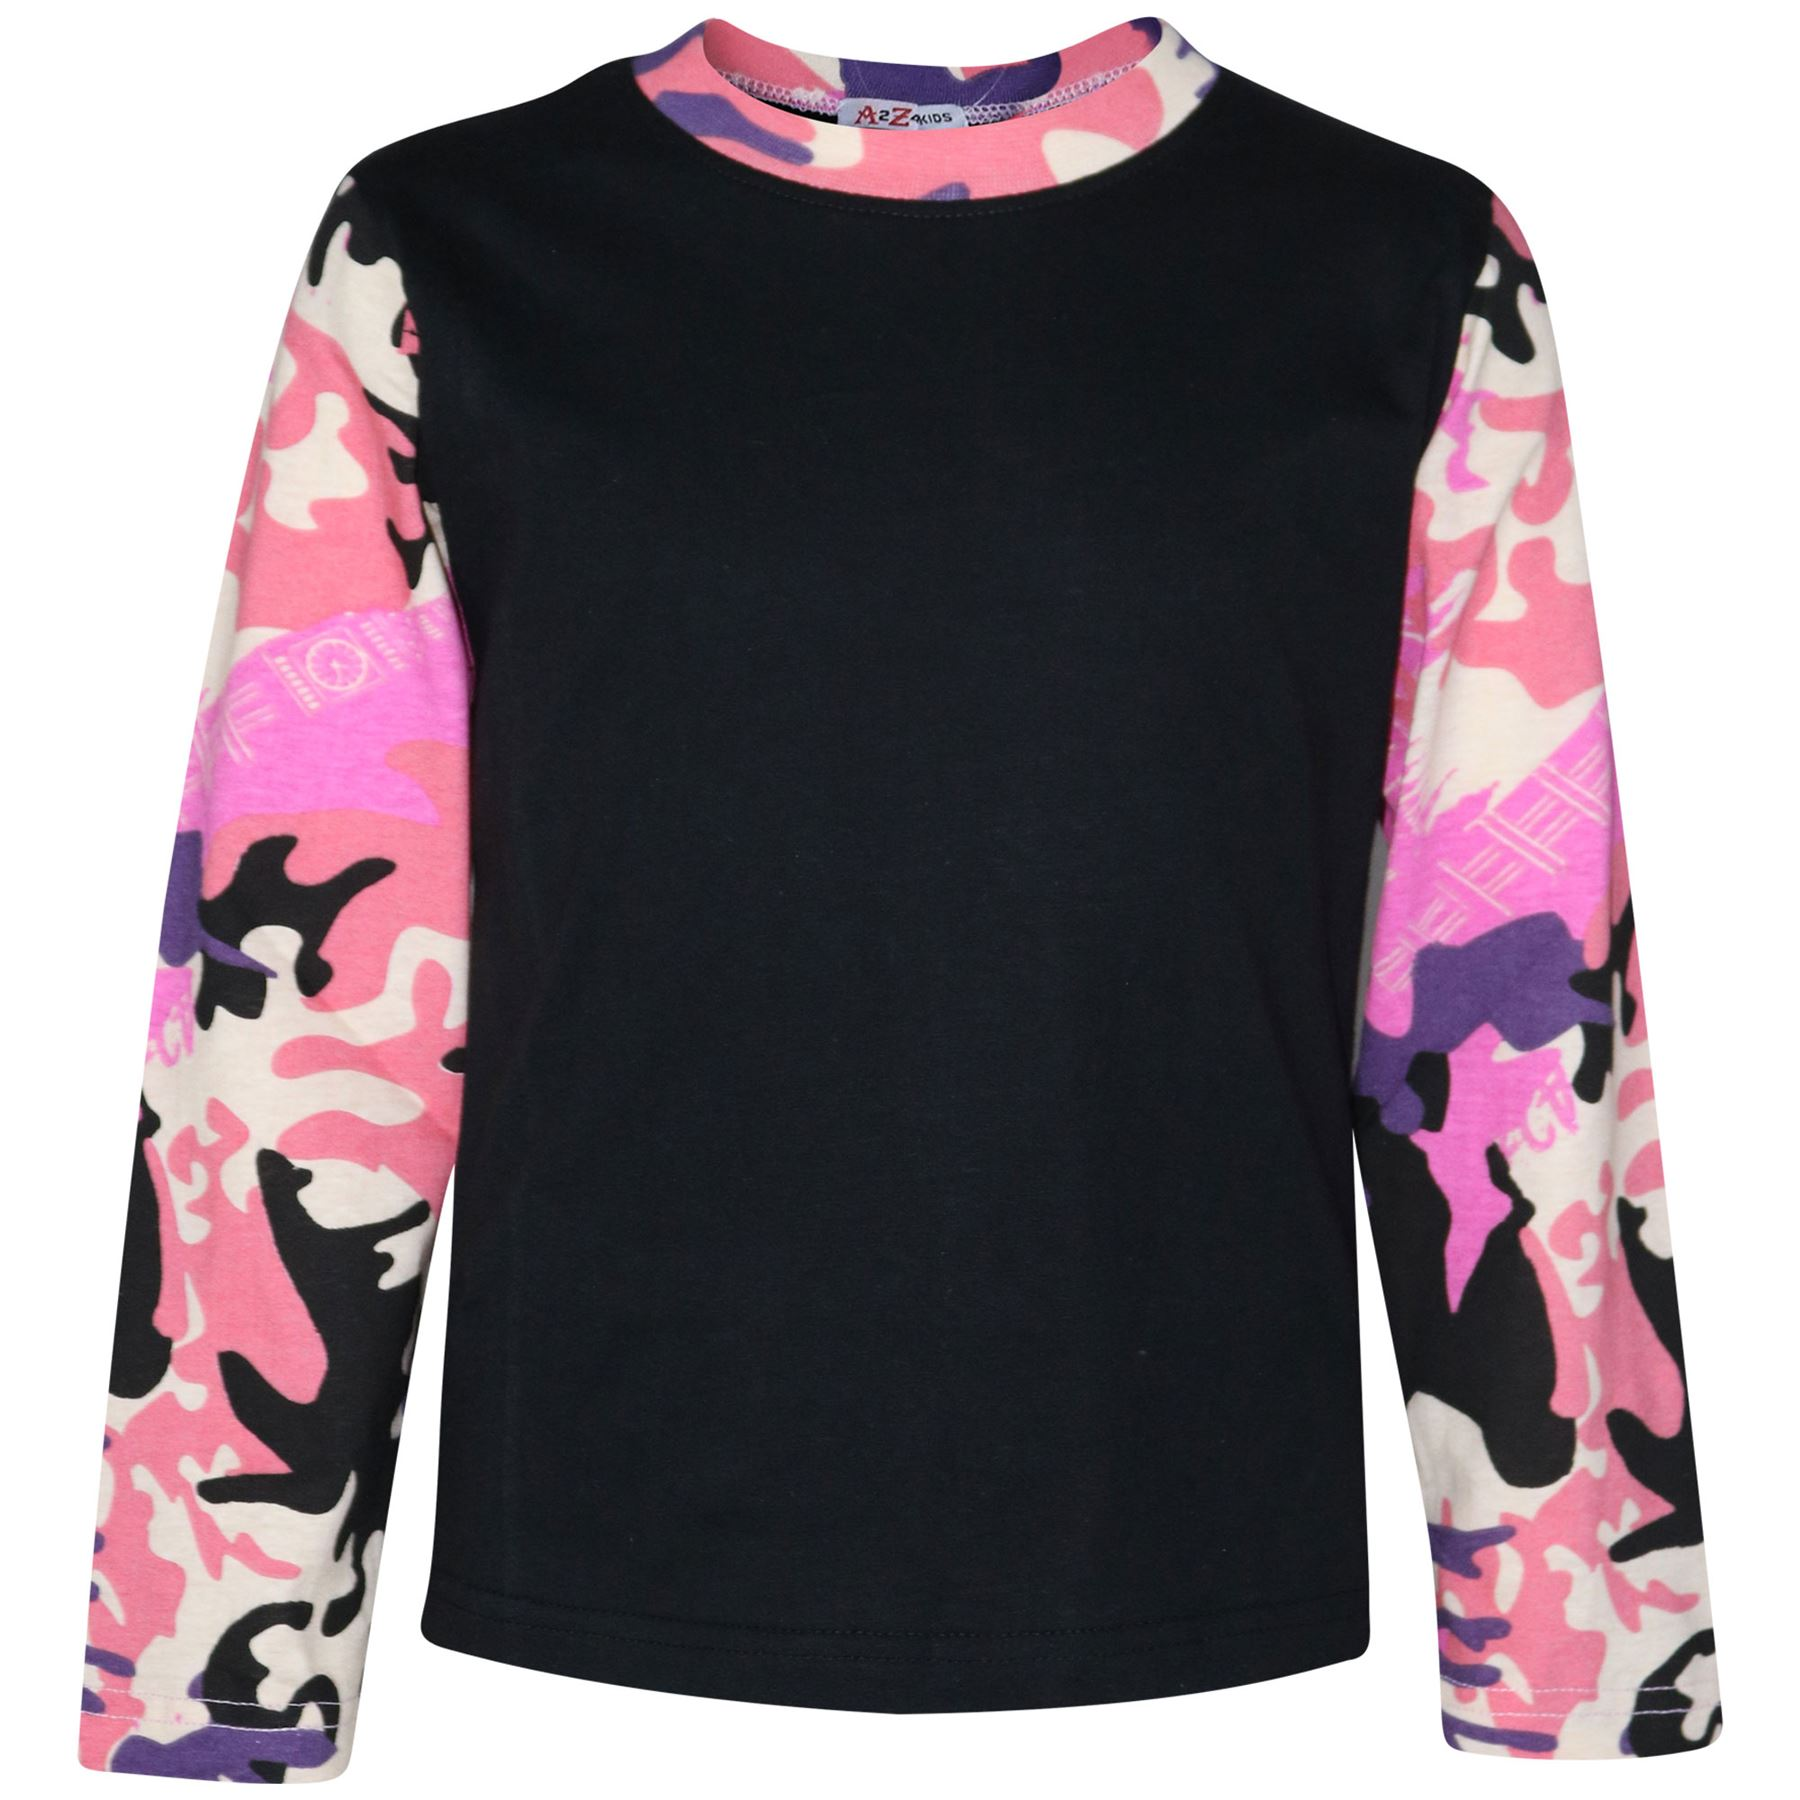 Enfants Filles Garçons Pjs Contraste Couleur Unie Style Pyjamas Set New Age 2-13 Ans